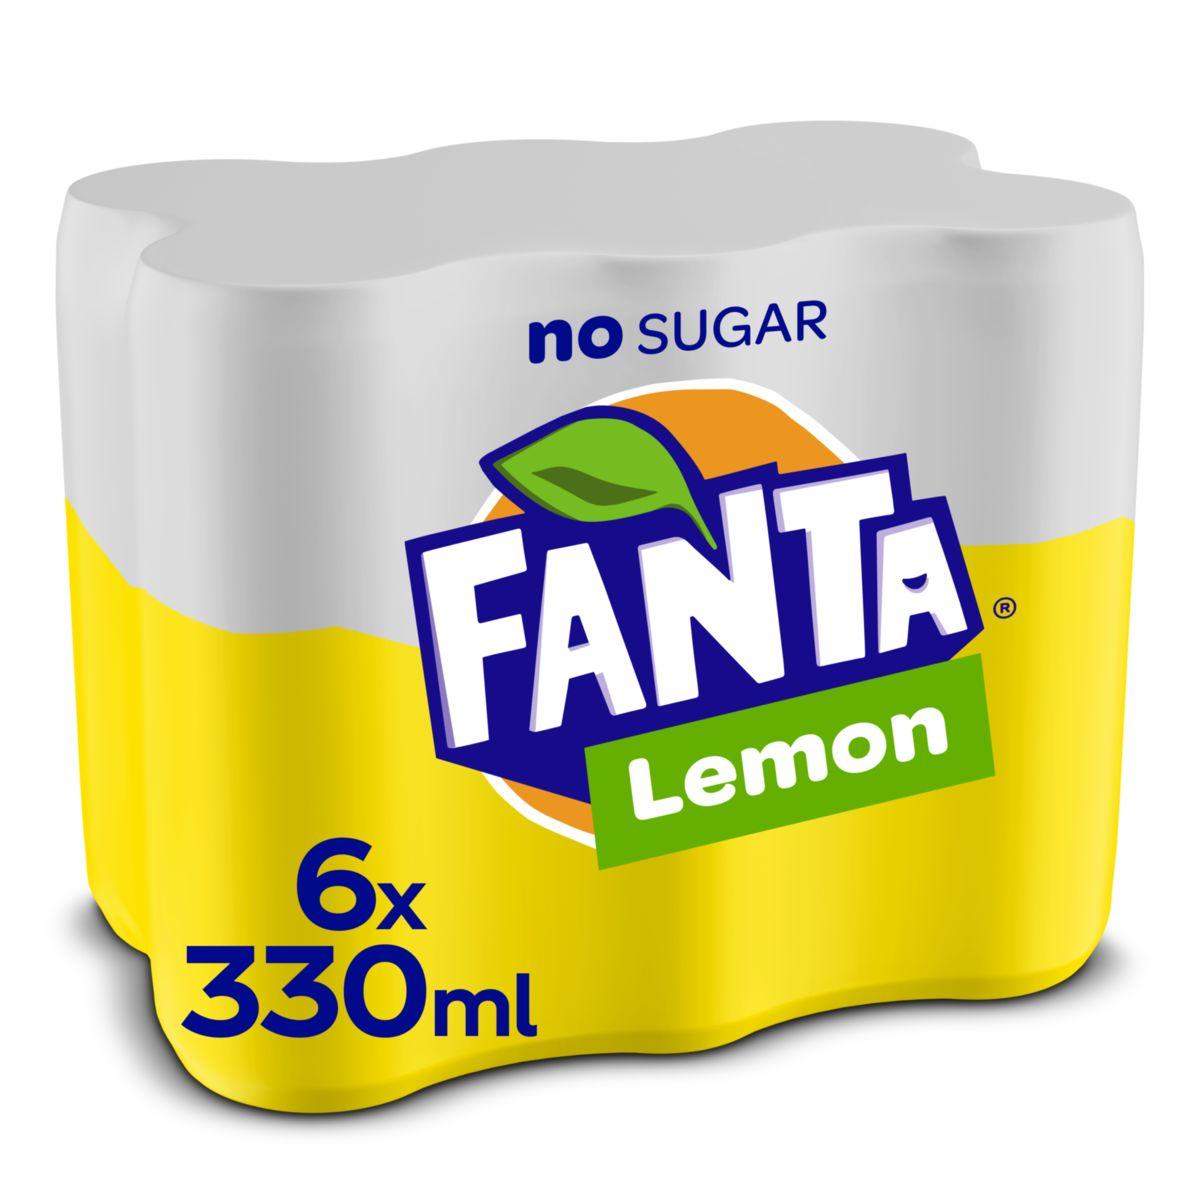 Fanta Zero Lemon sleekcan 330ml x 6